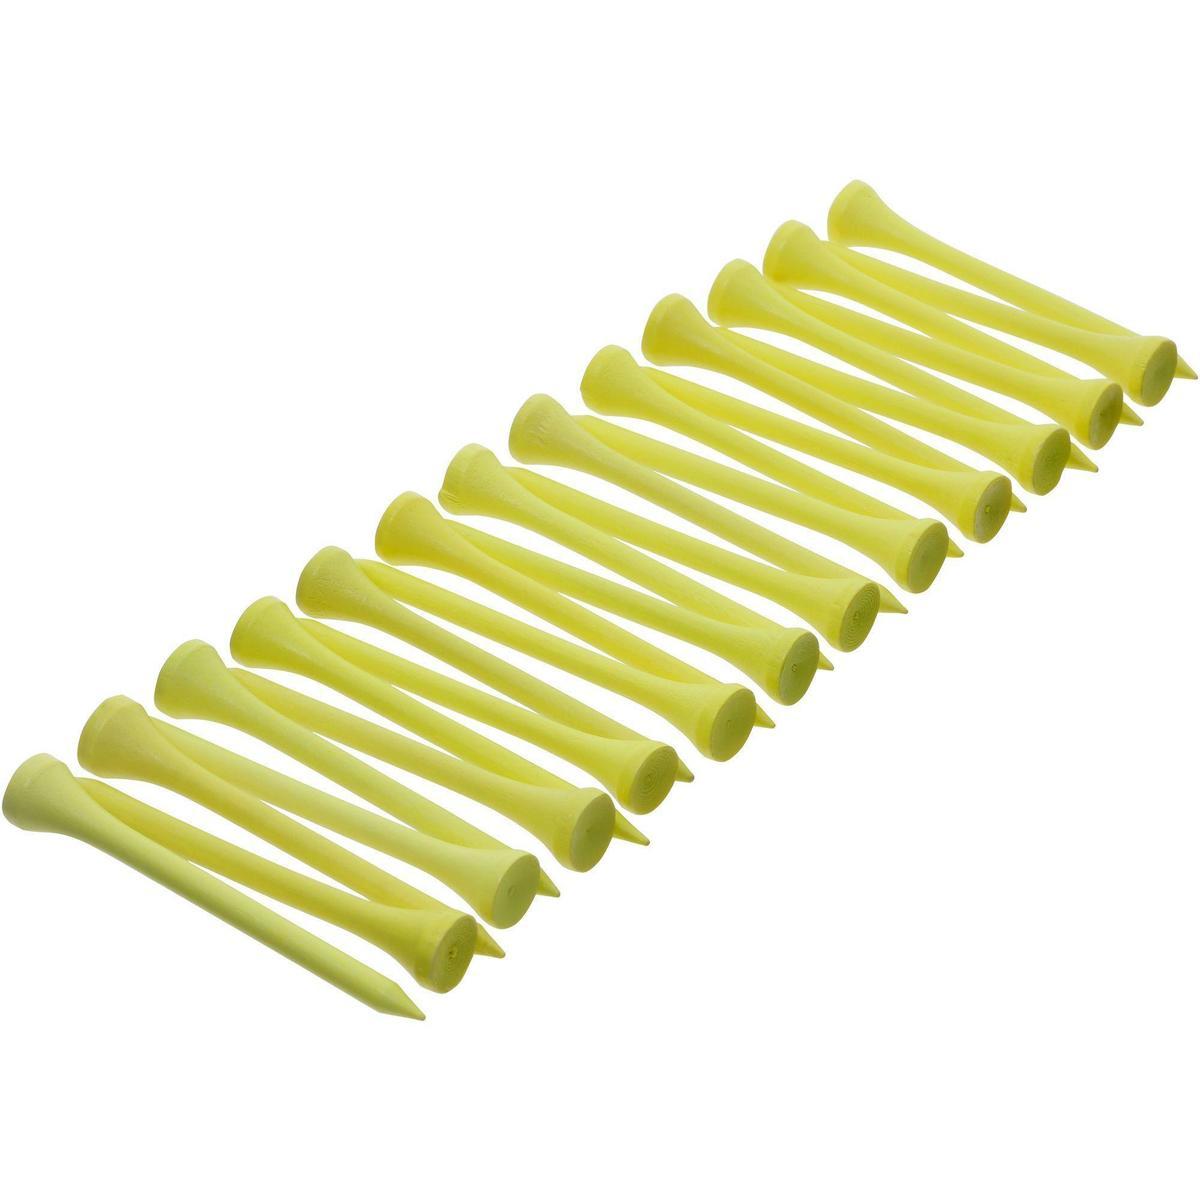 Bild 2 von Golf Holz-Tees 69 mm 25 Stück gelb